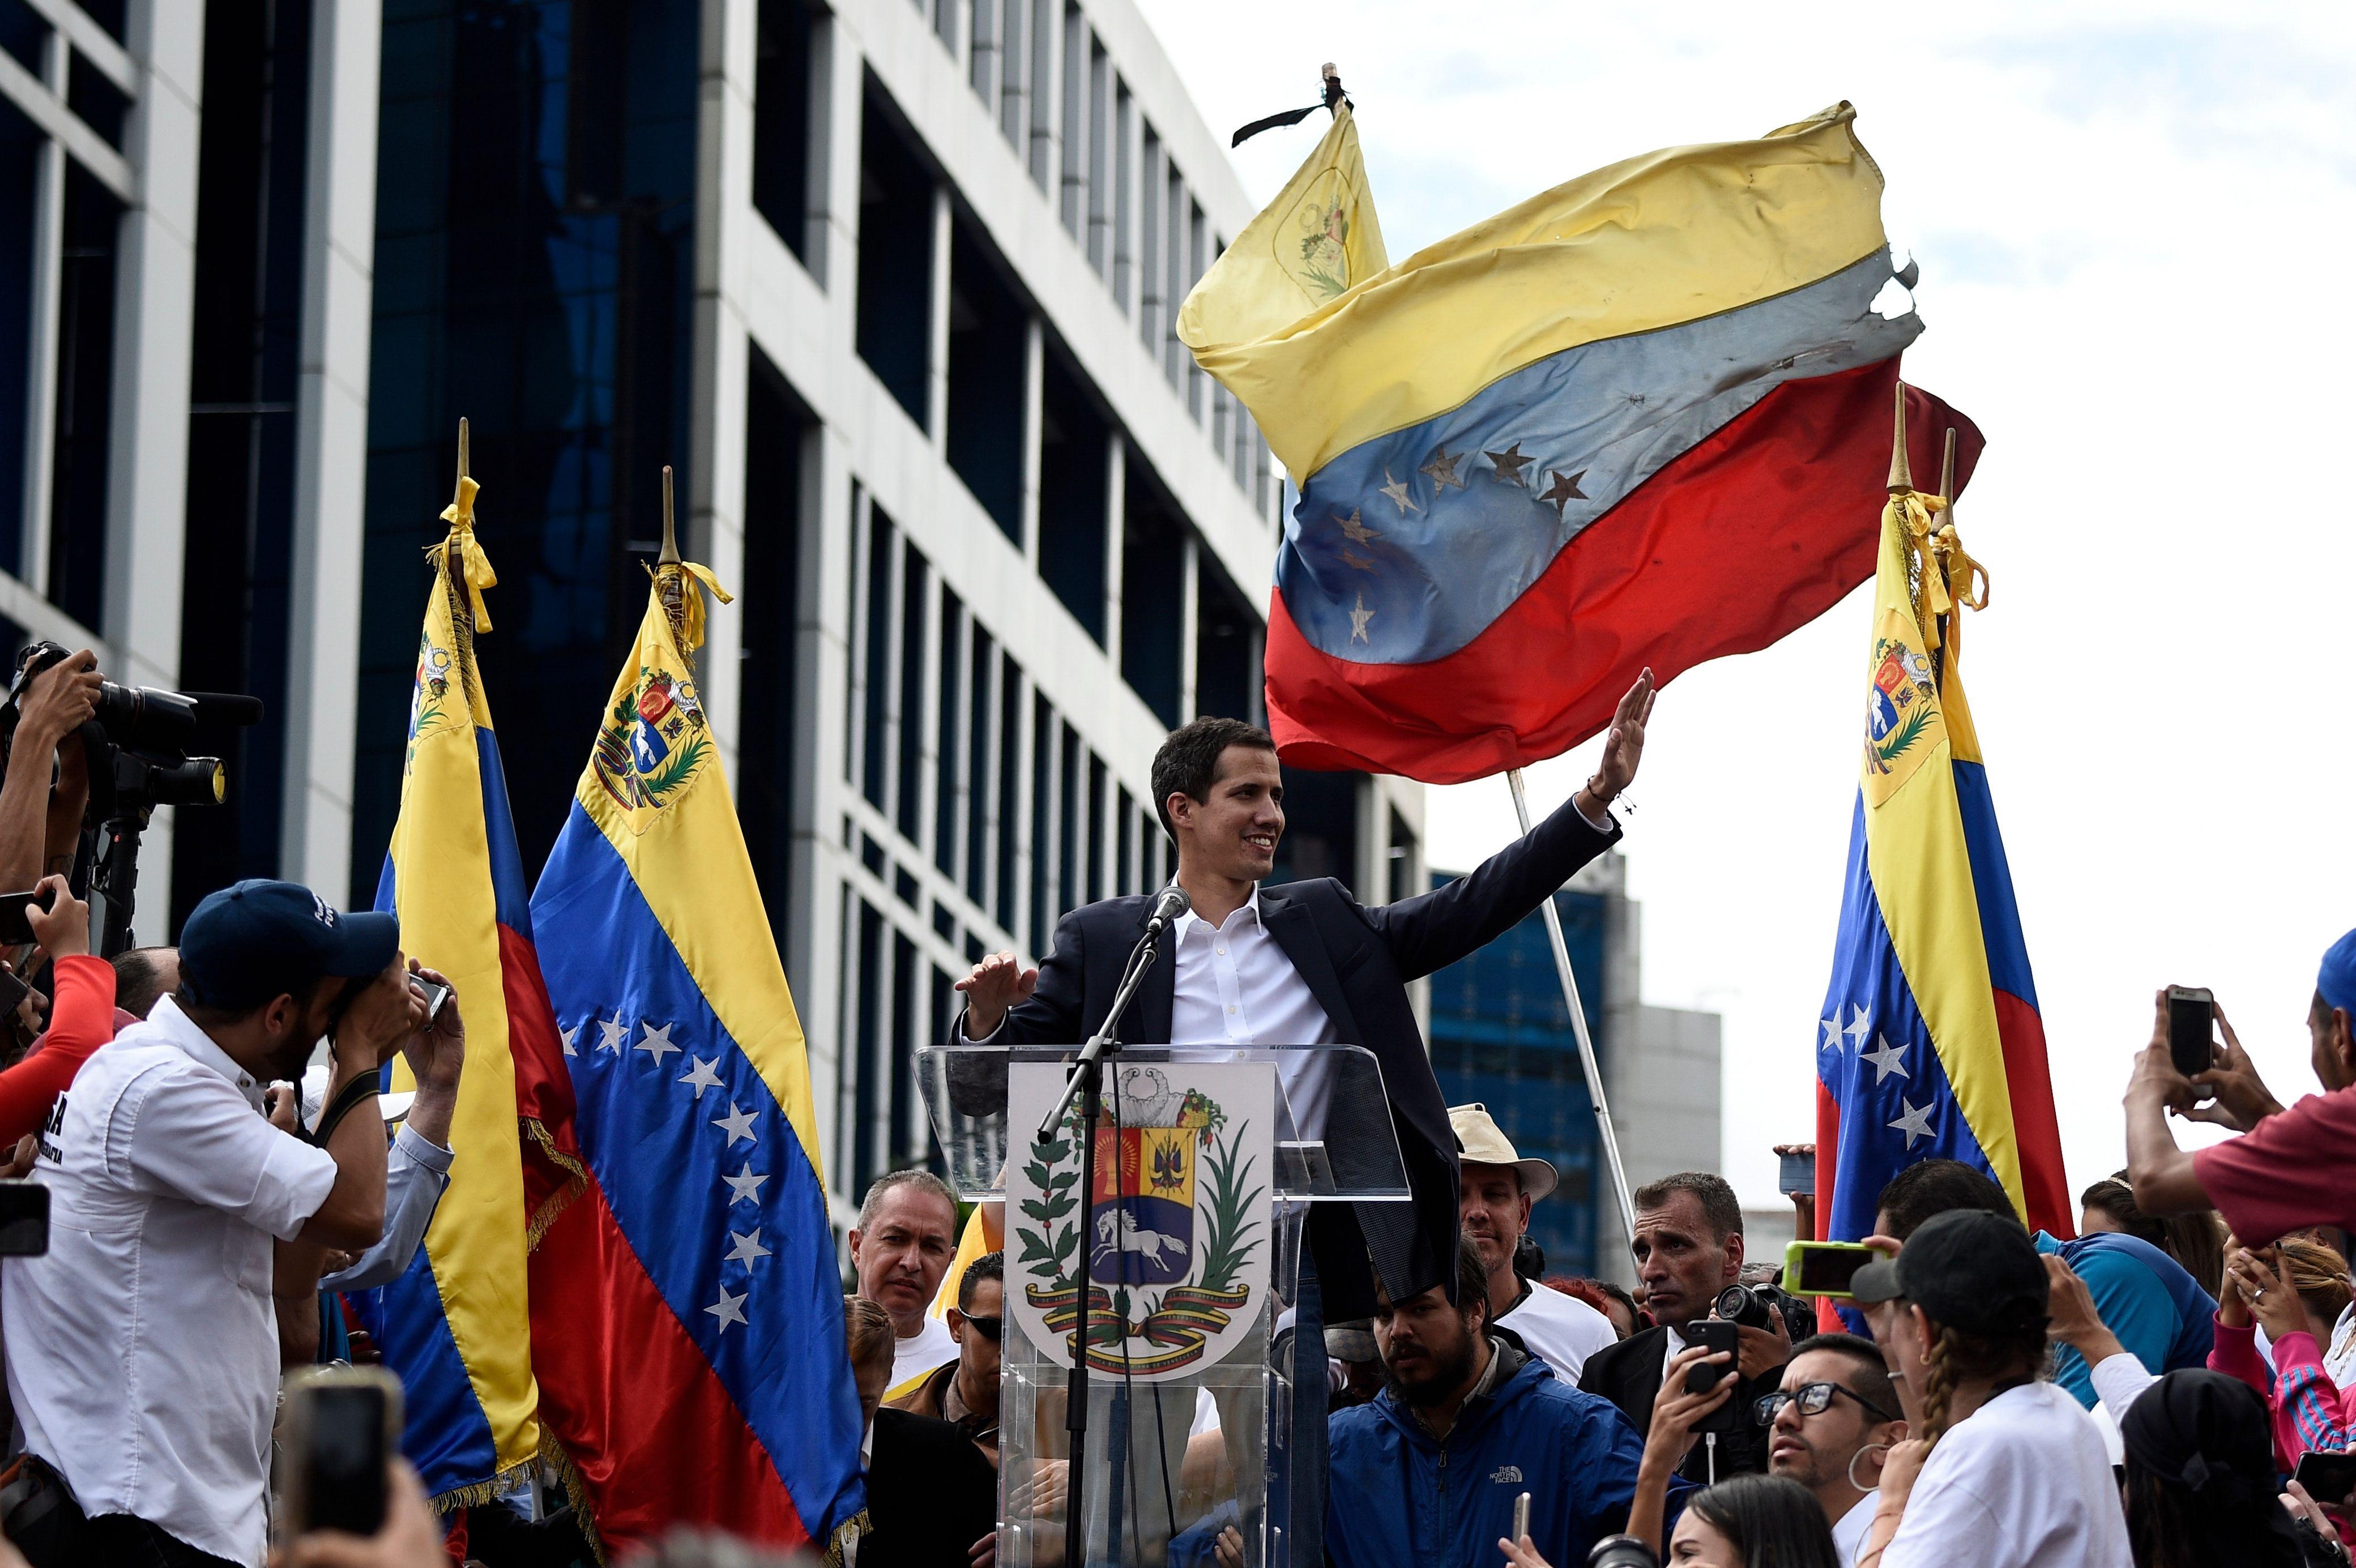 委內瑞拉變天 美承認反對派領袖為臨時總統